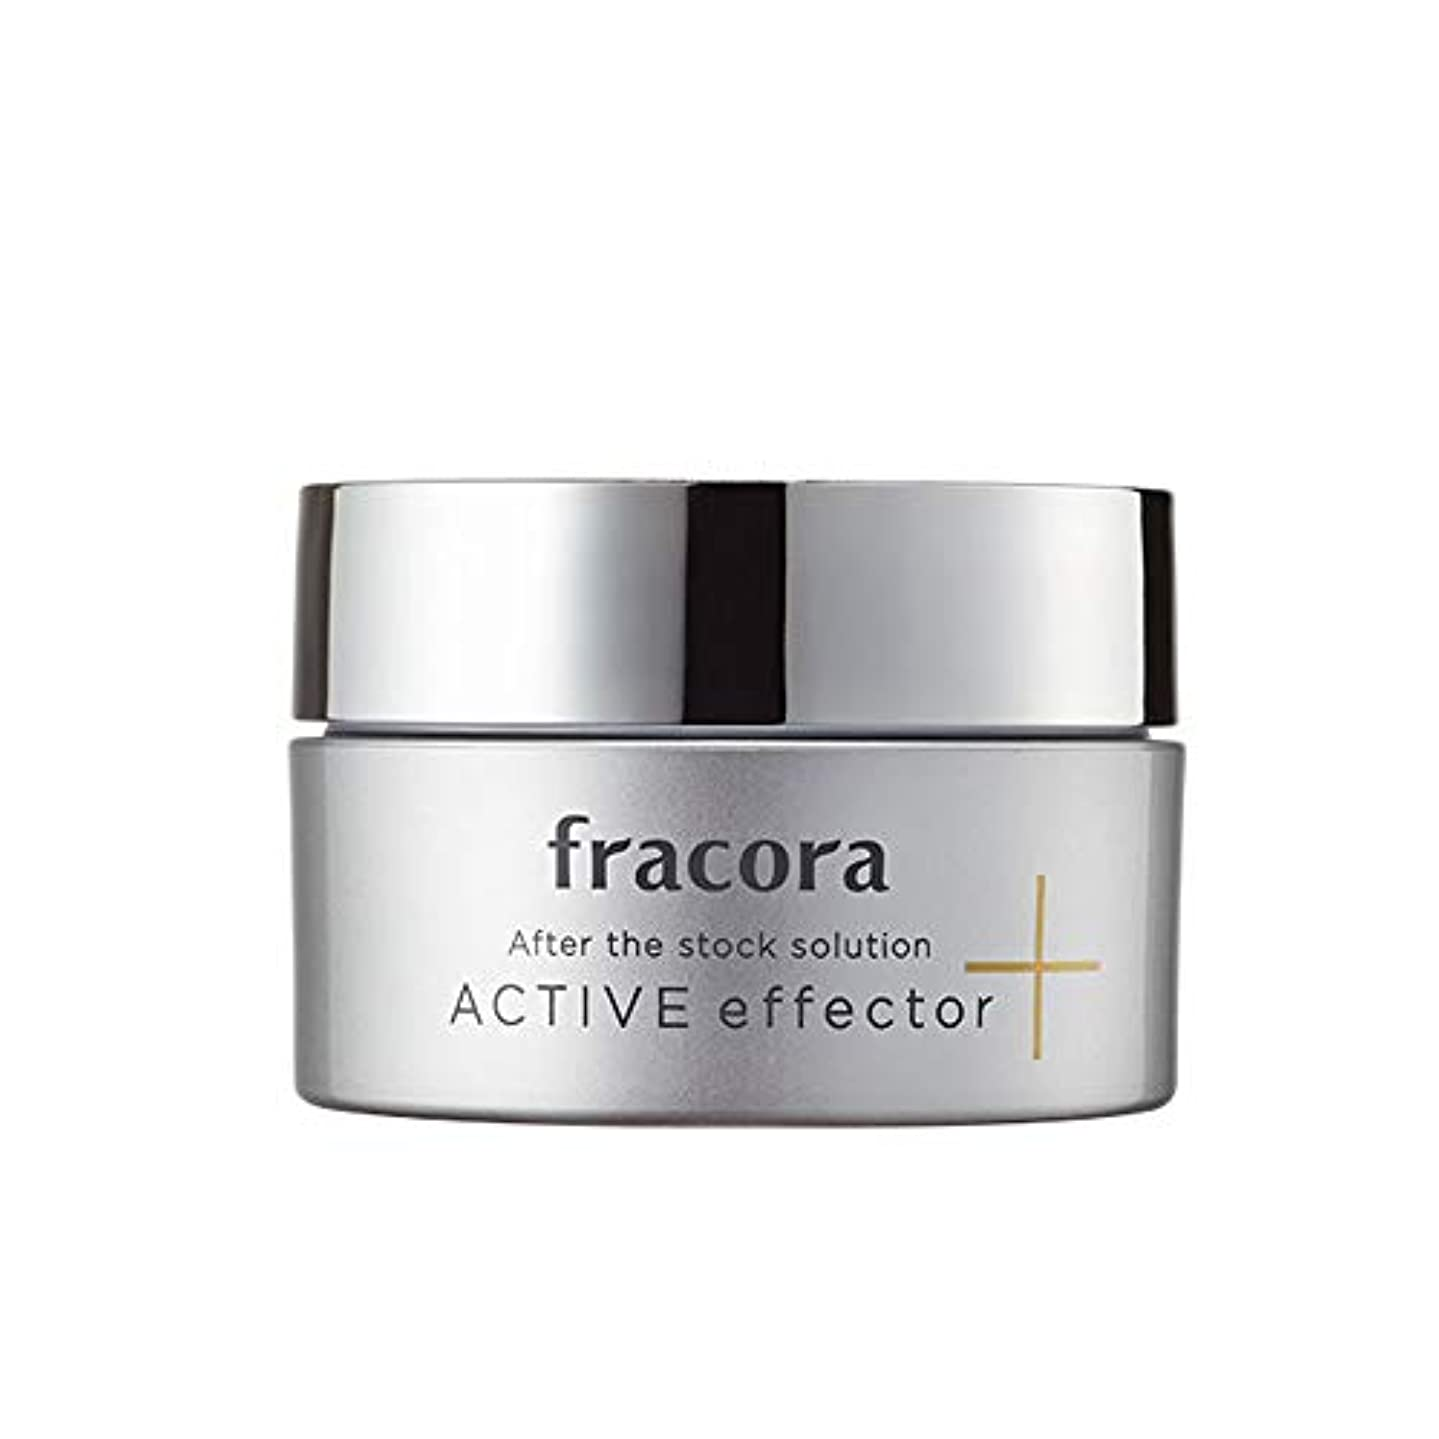 酸っぱい苦痛インテリアfracora(フラコラ) クリーム アクティブ エフェクター 50g